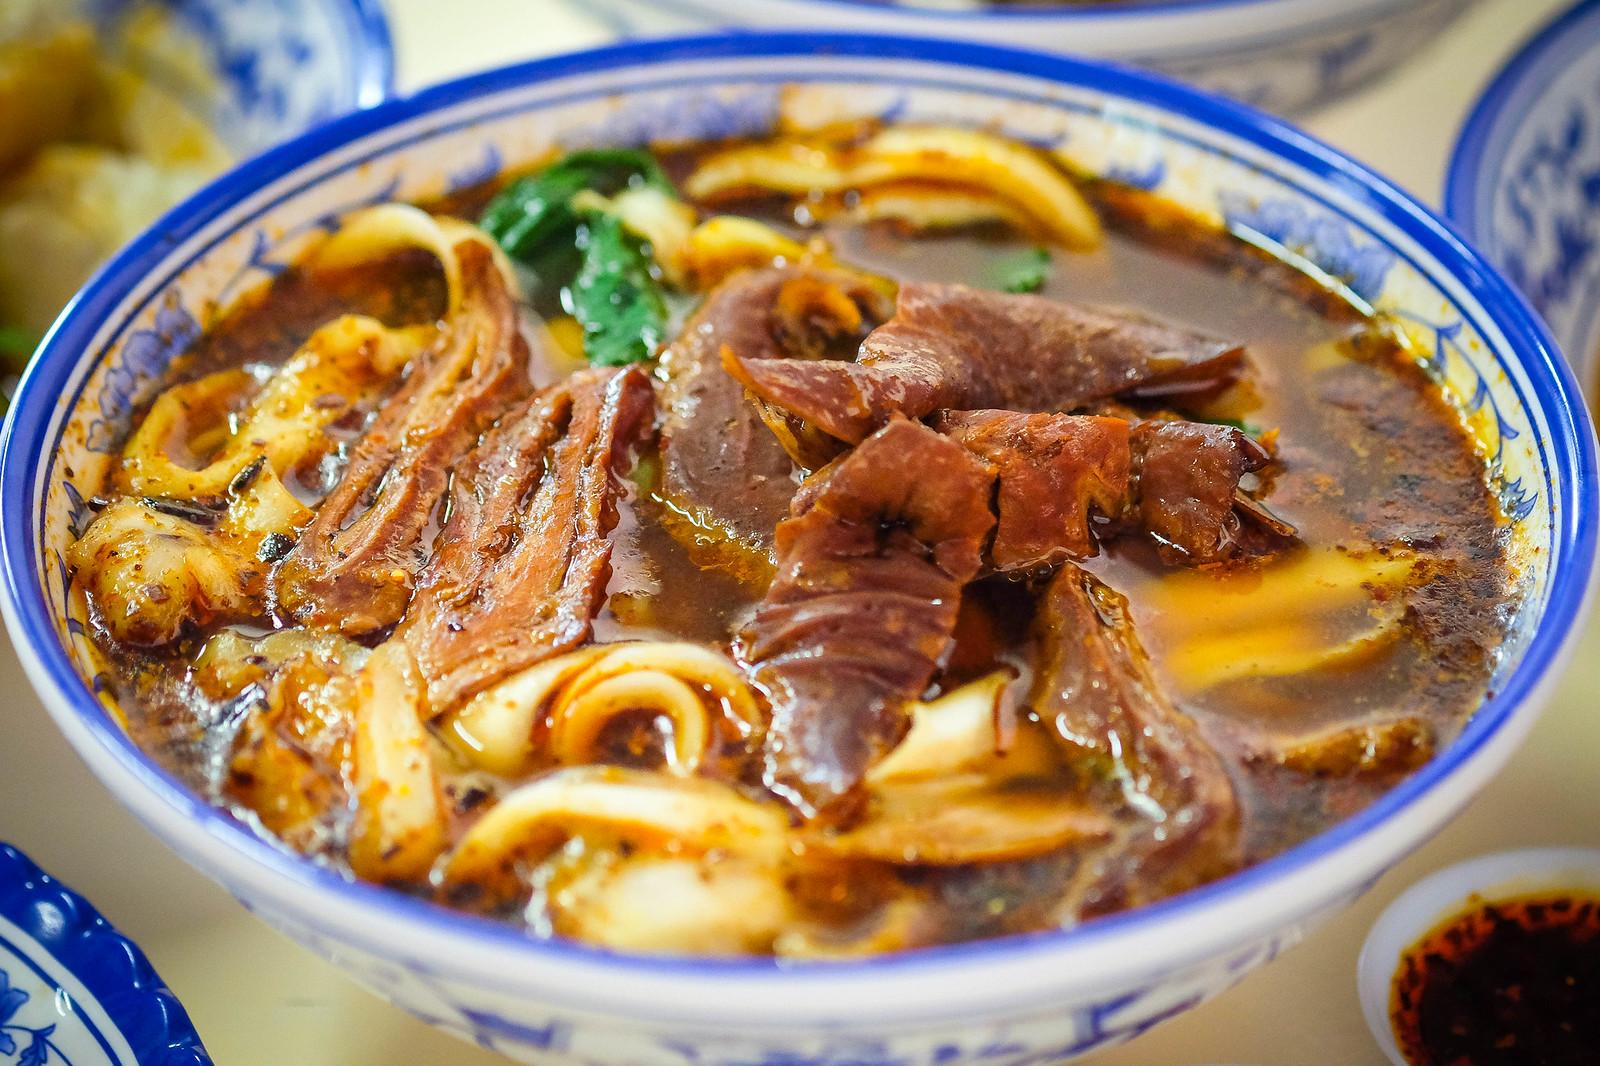 Shi Xiang Ge mala noodles